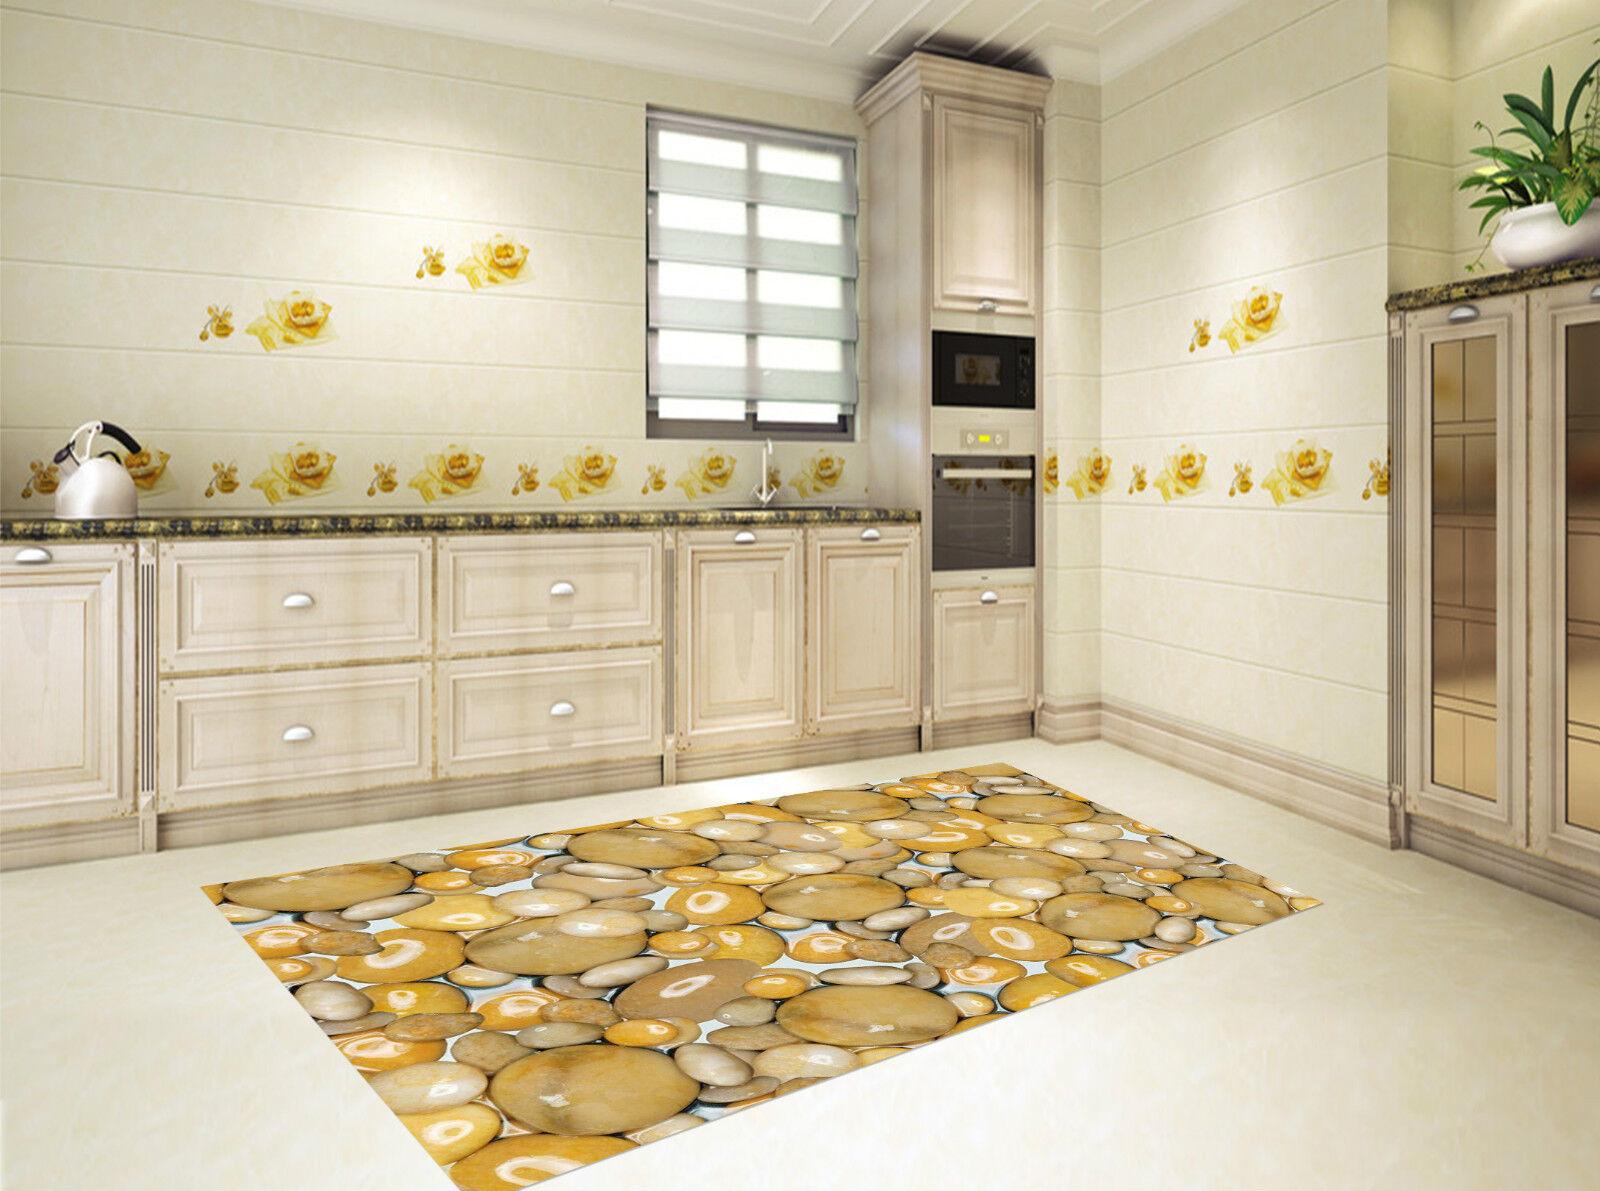 3D Cailloux Jaunes Lisses 4 4 4 Décor Mural Murale De Mur De Cuisine AJ WALLPAPER FR | Techniques Modernes  b6dfa0